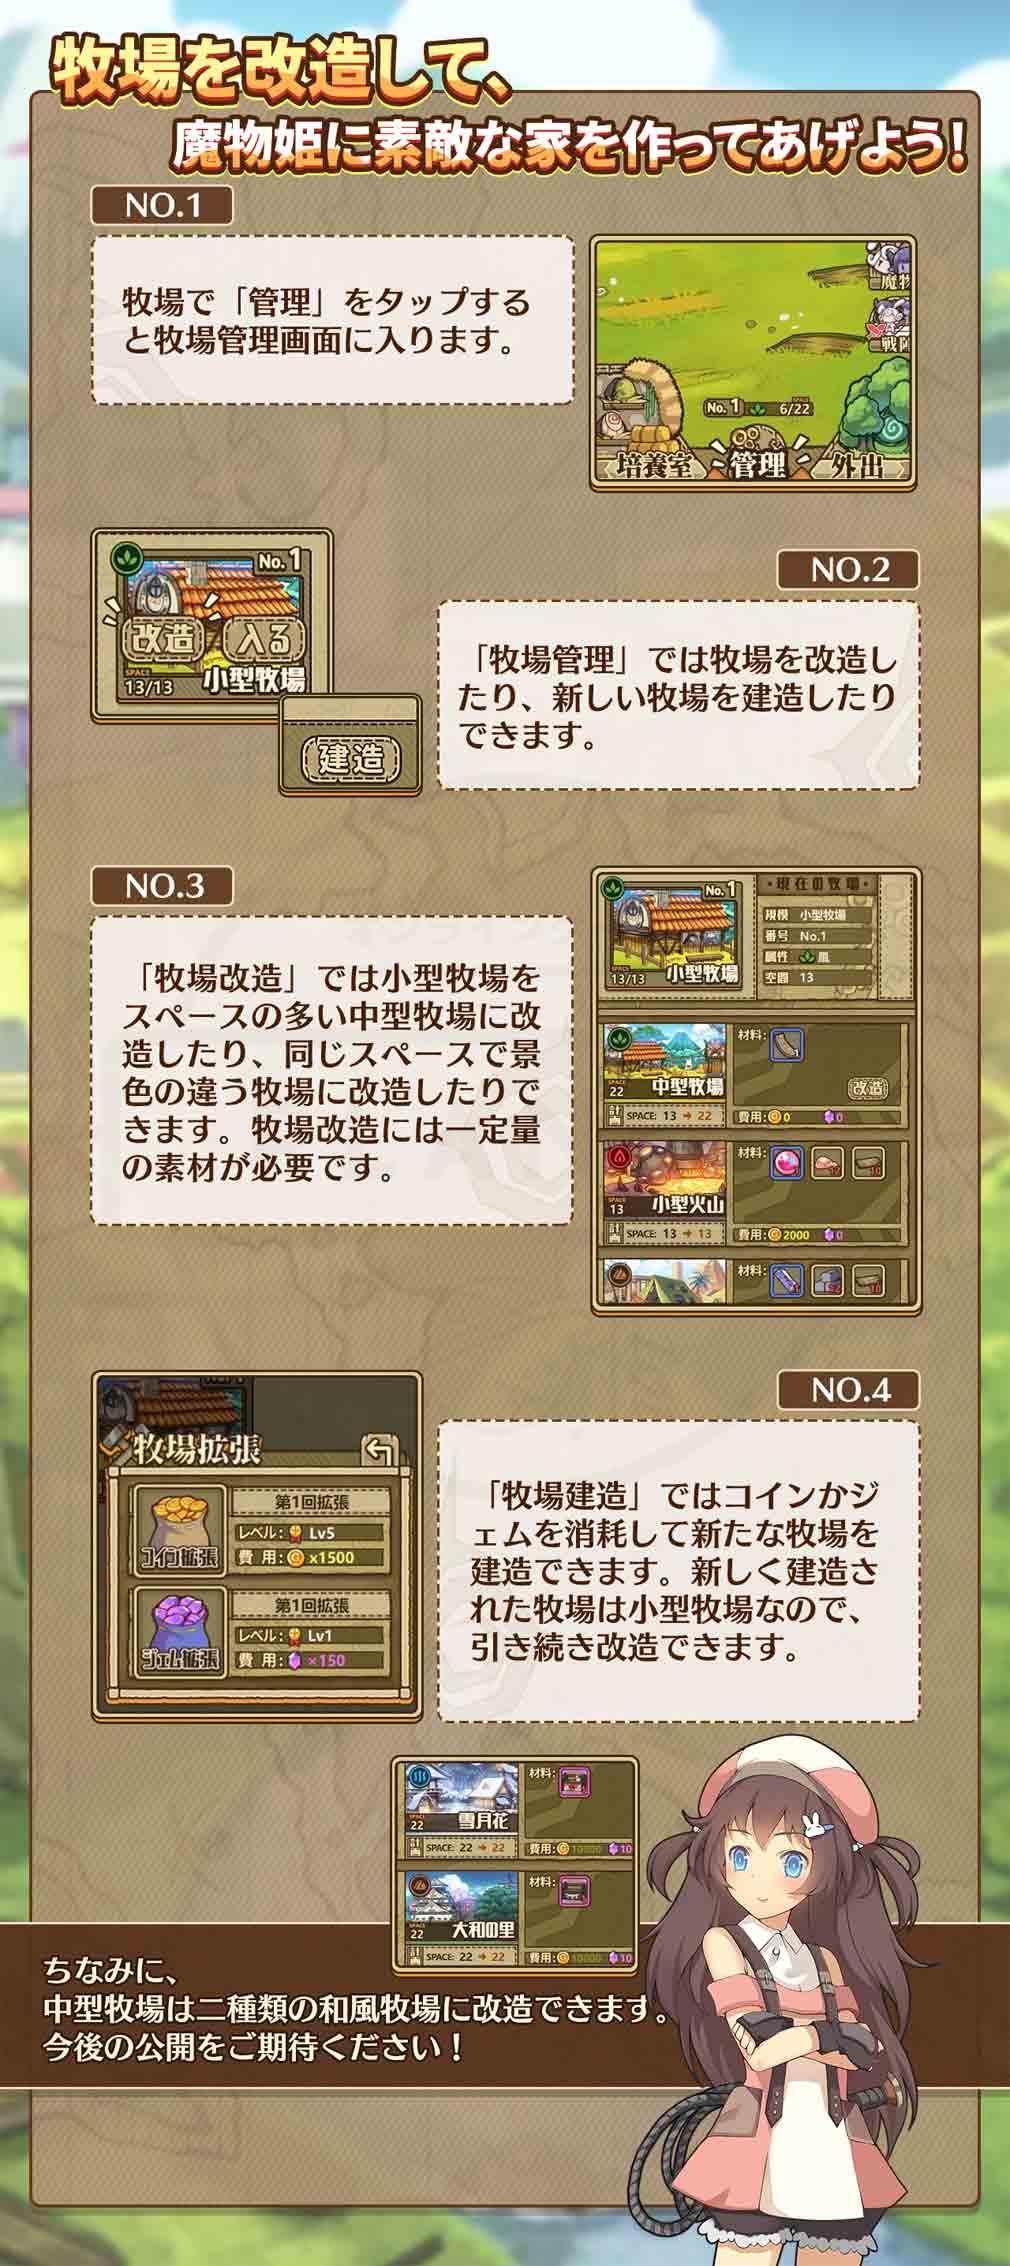 カルディア・ファンタジー 魔物姫たちとの冒険物語(カルファン) 『牧場改造』紹介イメージ